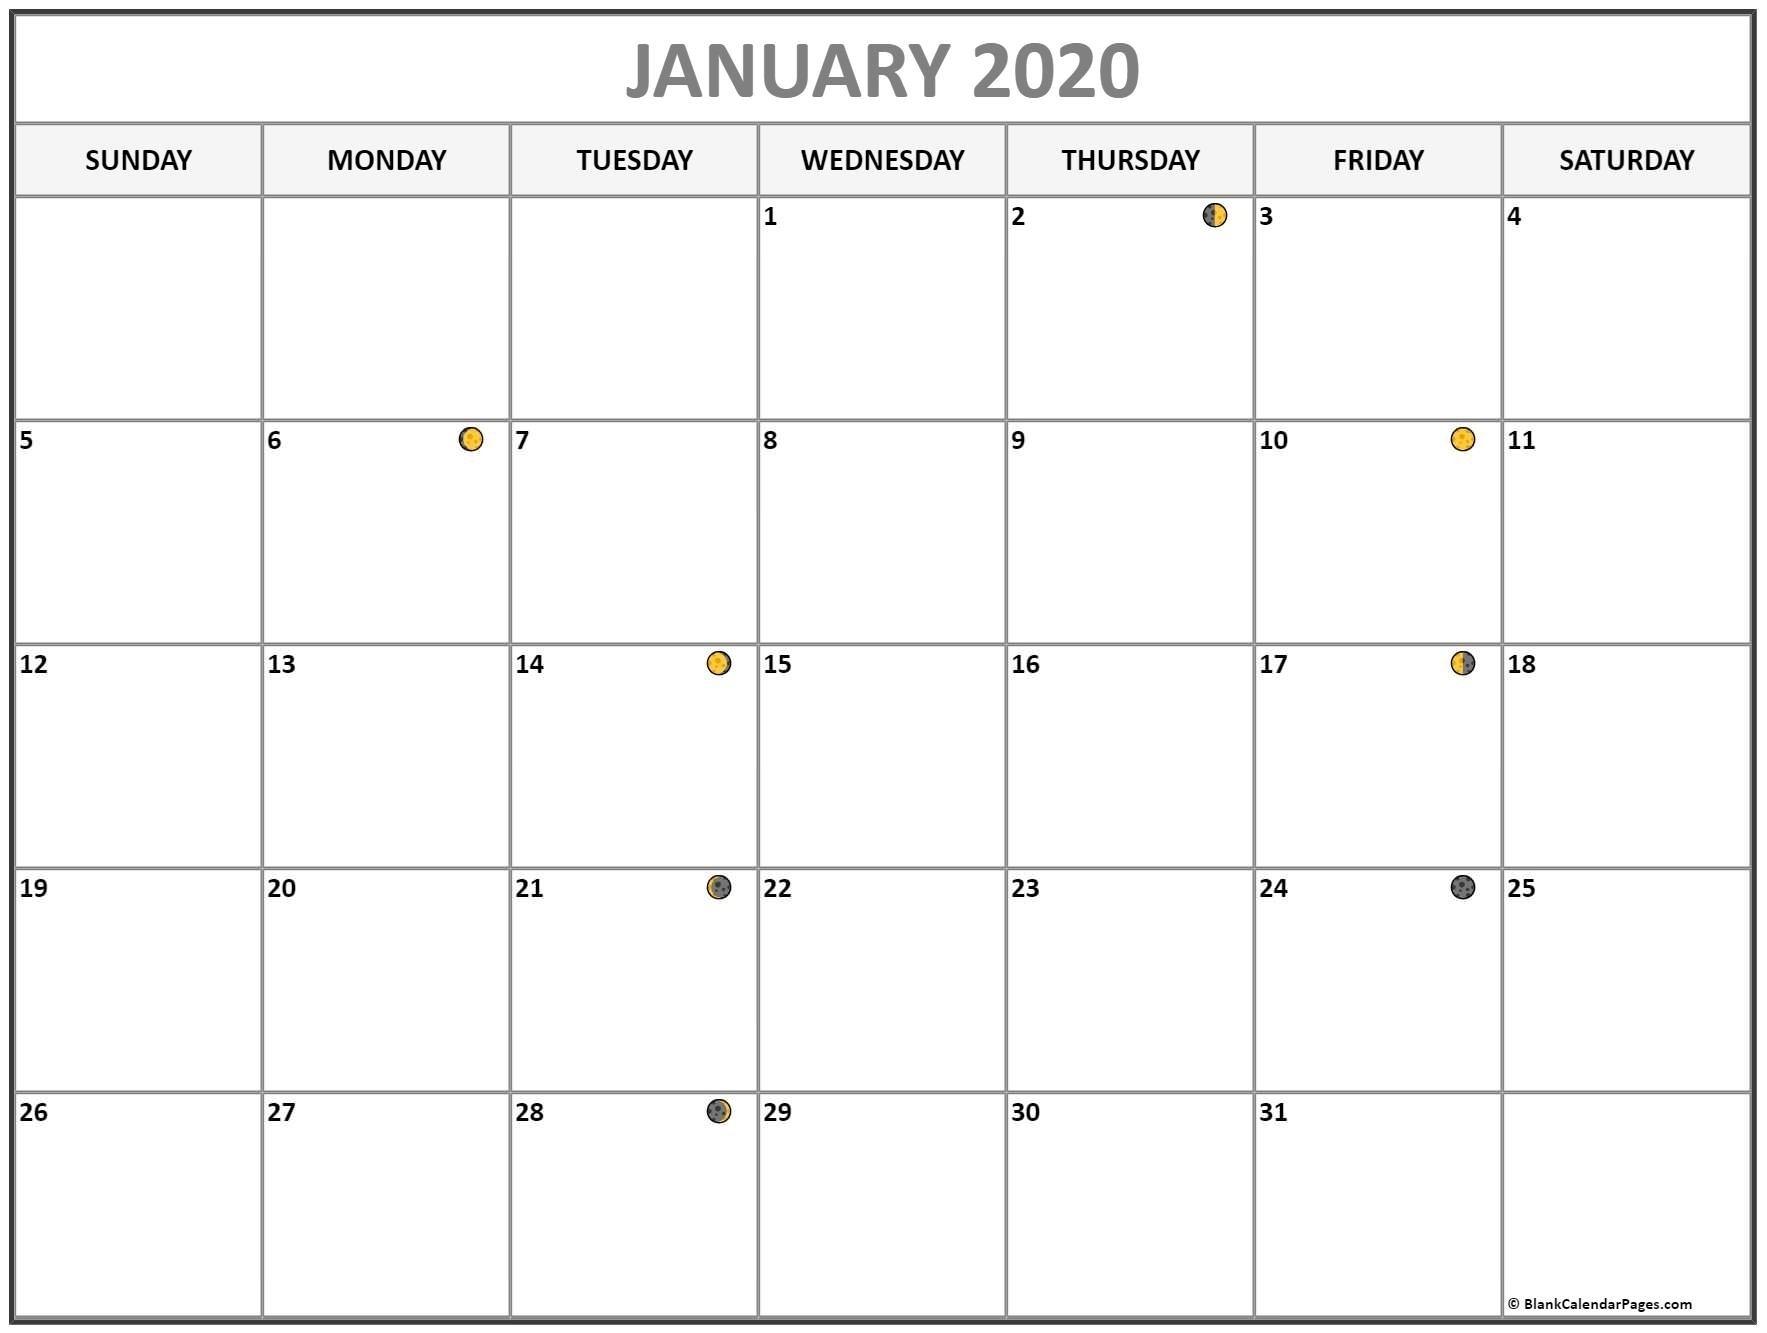 January 2020 Lunar Calendar | Moon Phase Calendar In Well-Moon Calendar January 2020